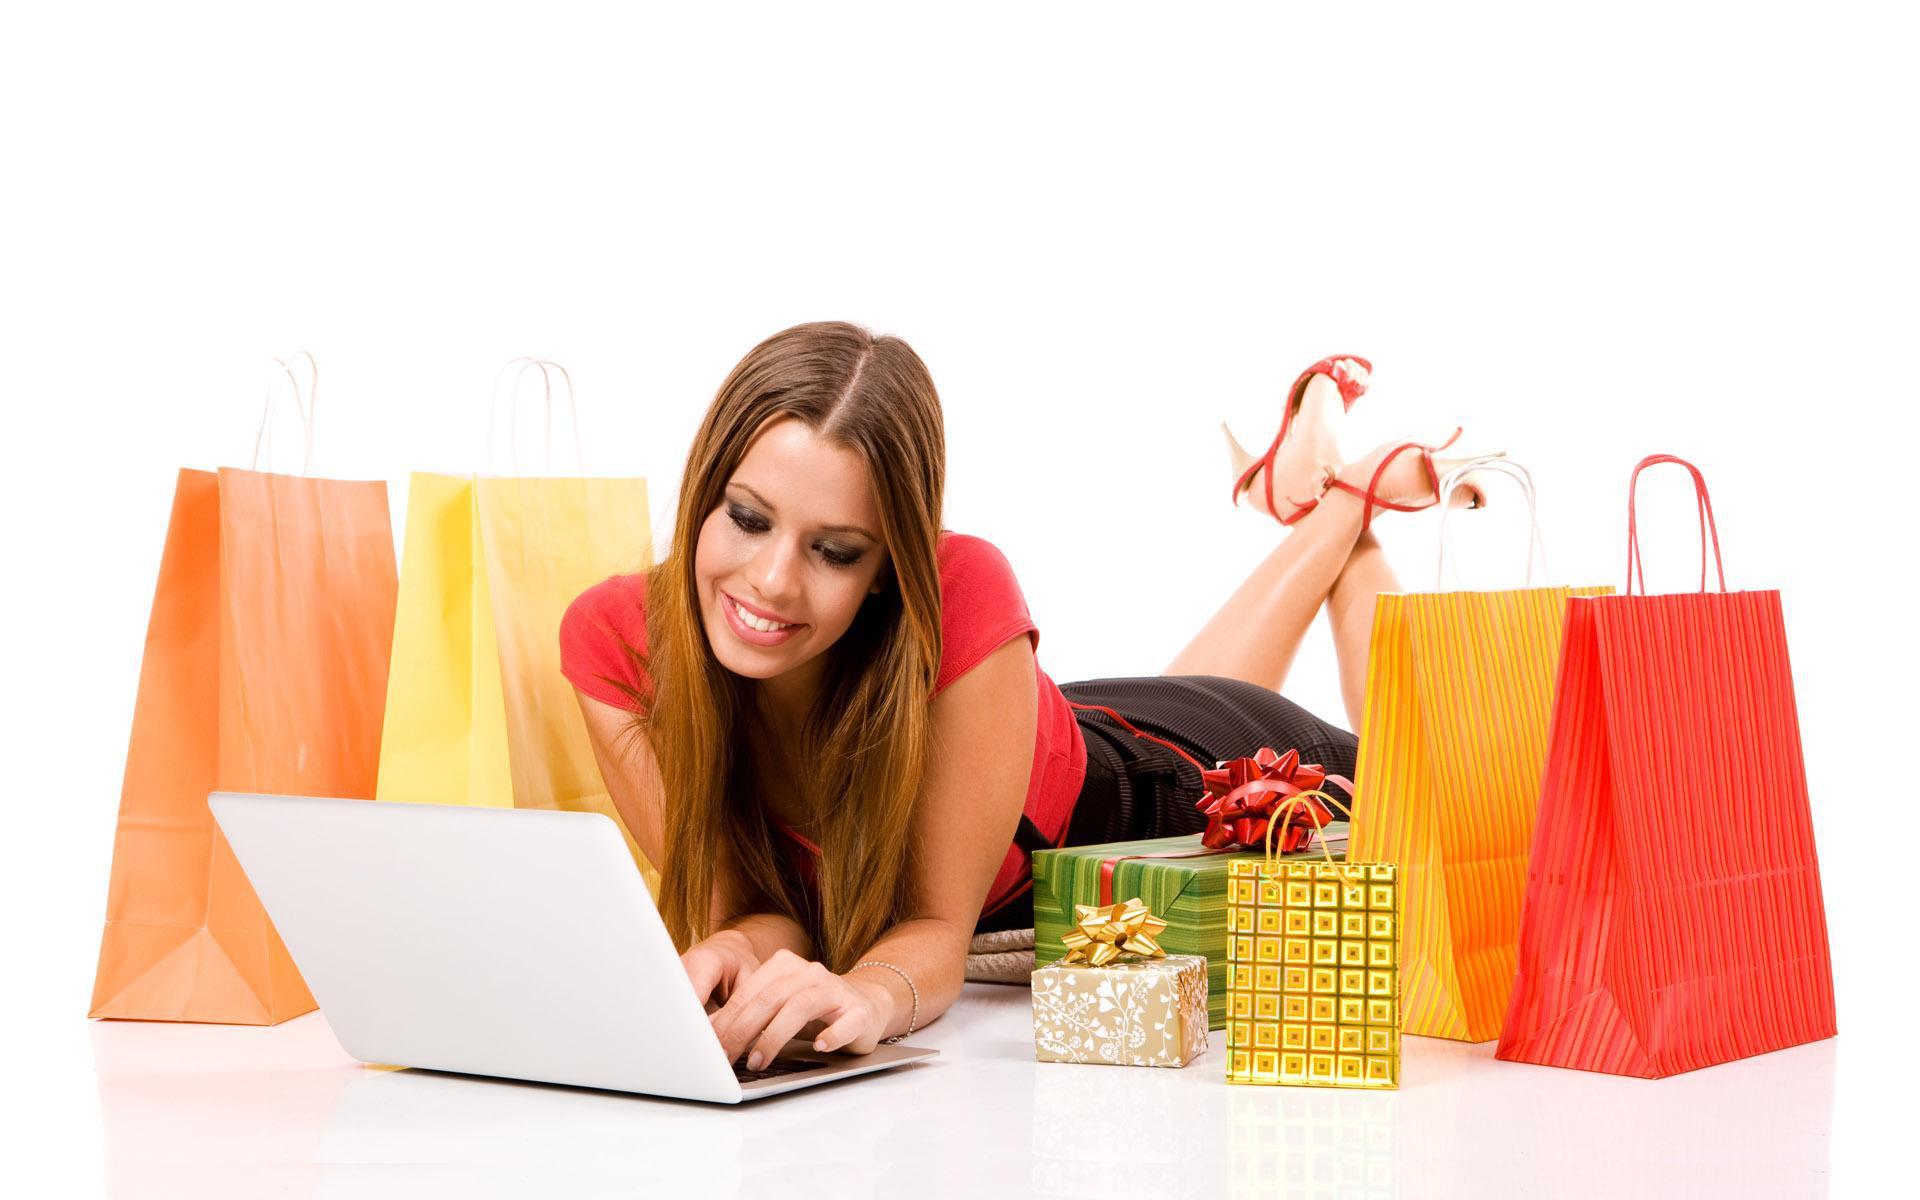 خريد انلاين|فروشگاه اينترنتي|خريد اينترنتي لباس|لباس مردانه زنانه